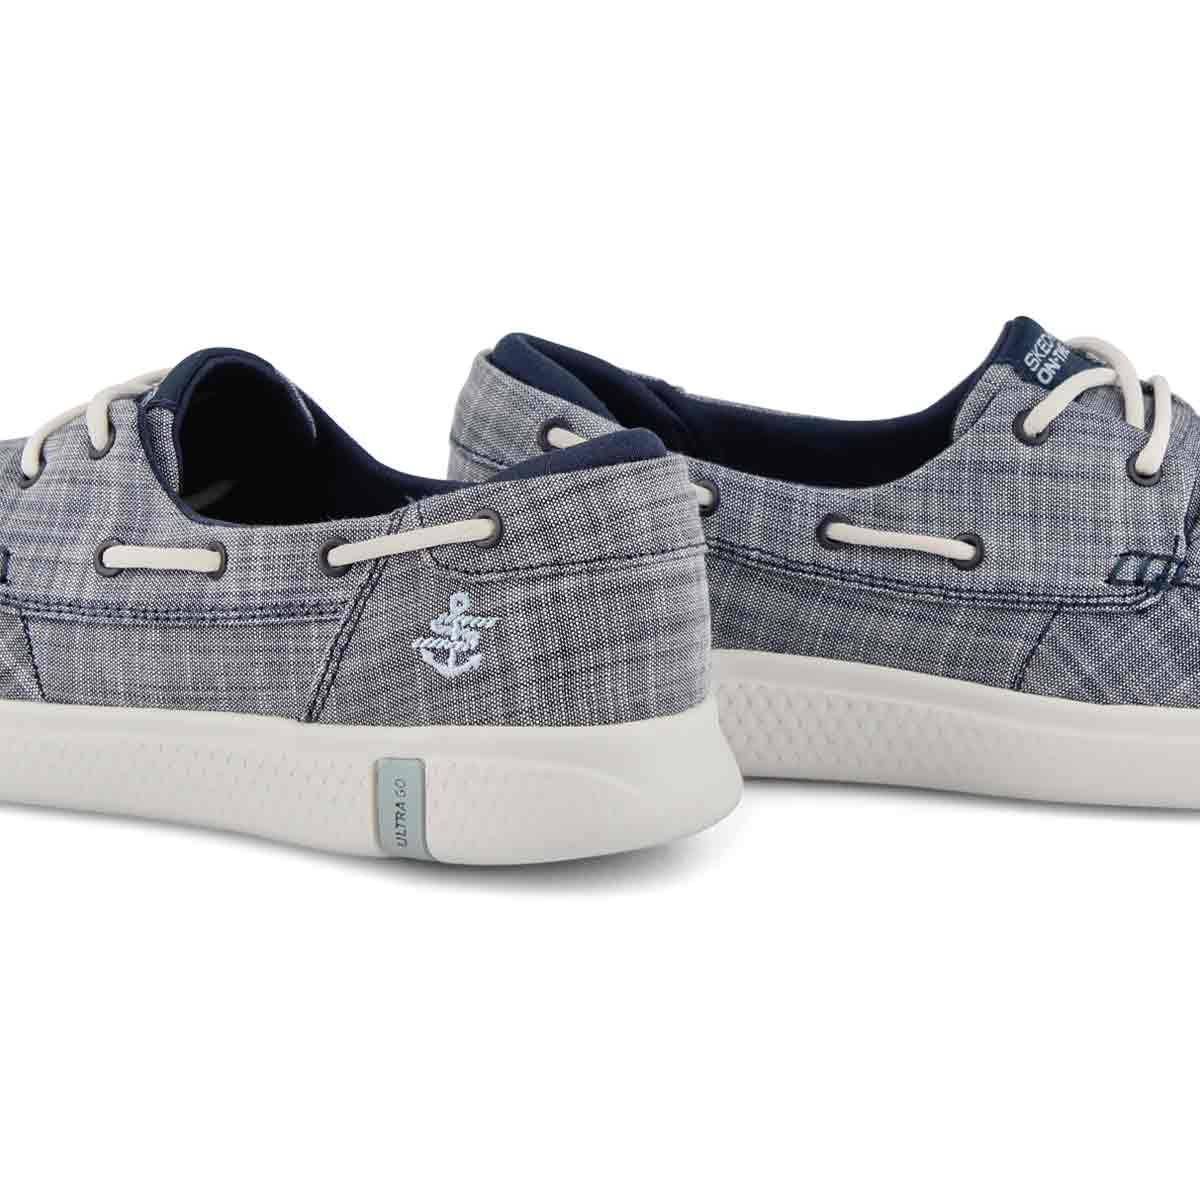 Chaussures nautiques GLIDE ULTRAWAVES bleu, femmes